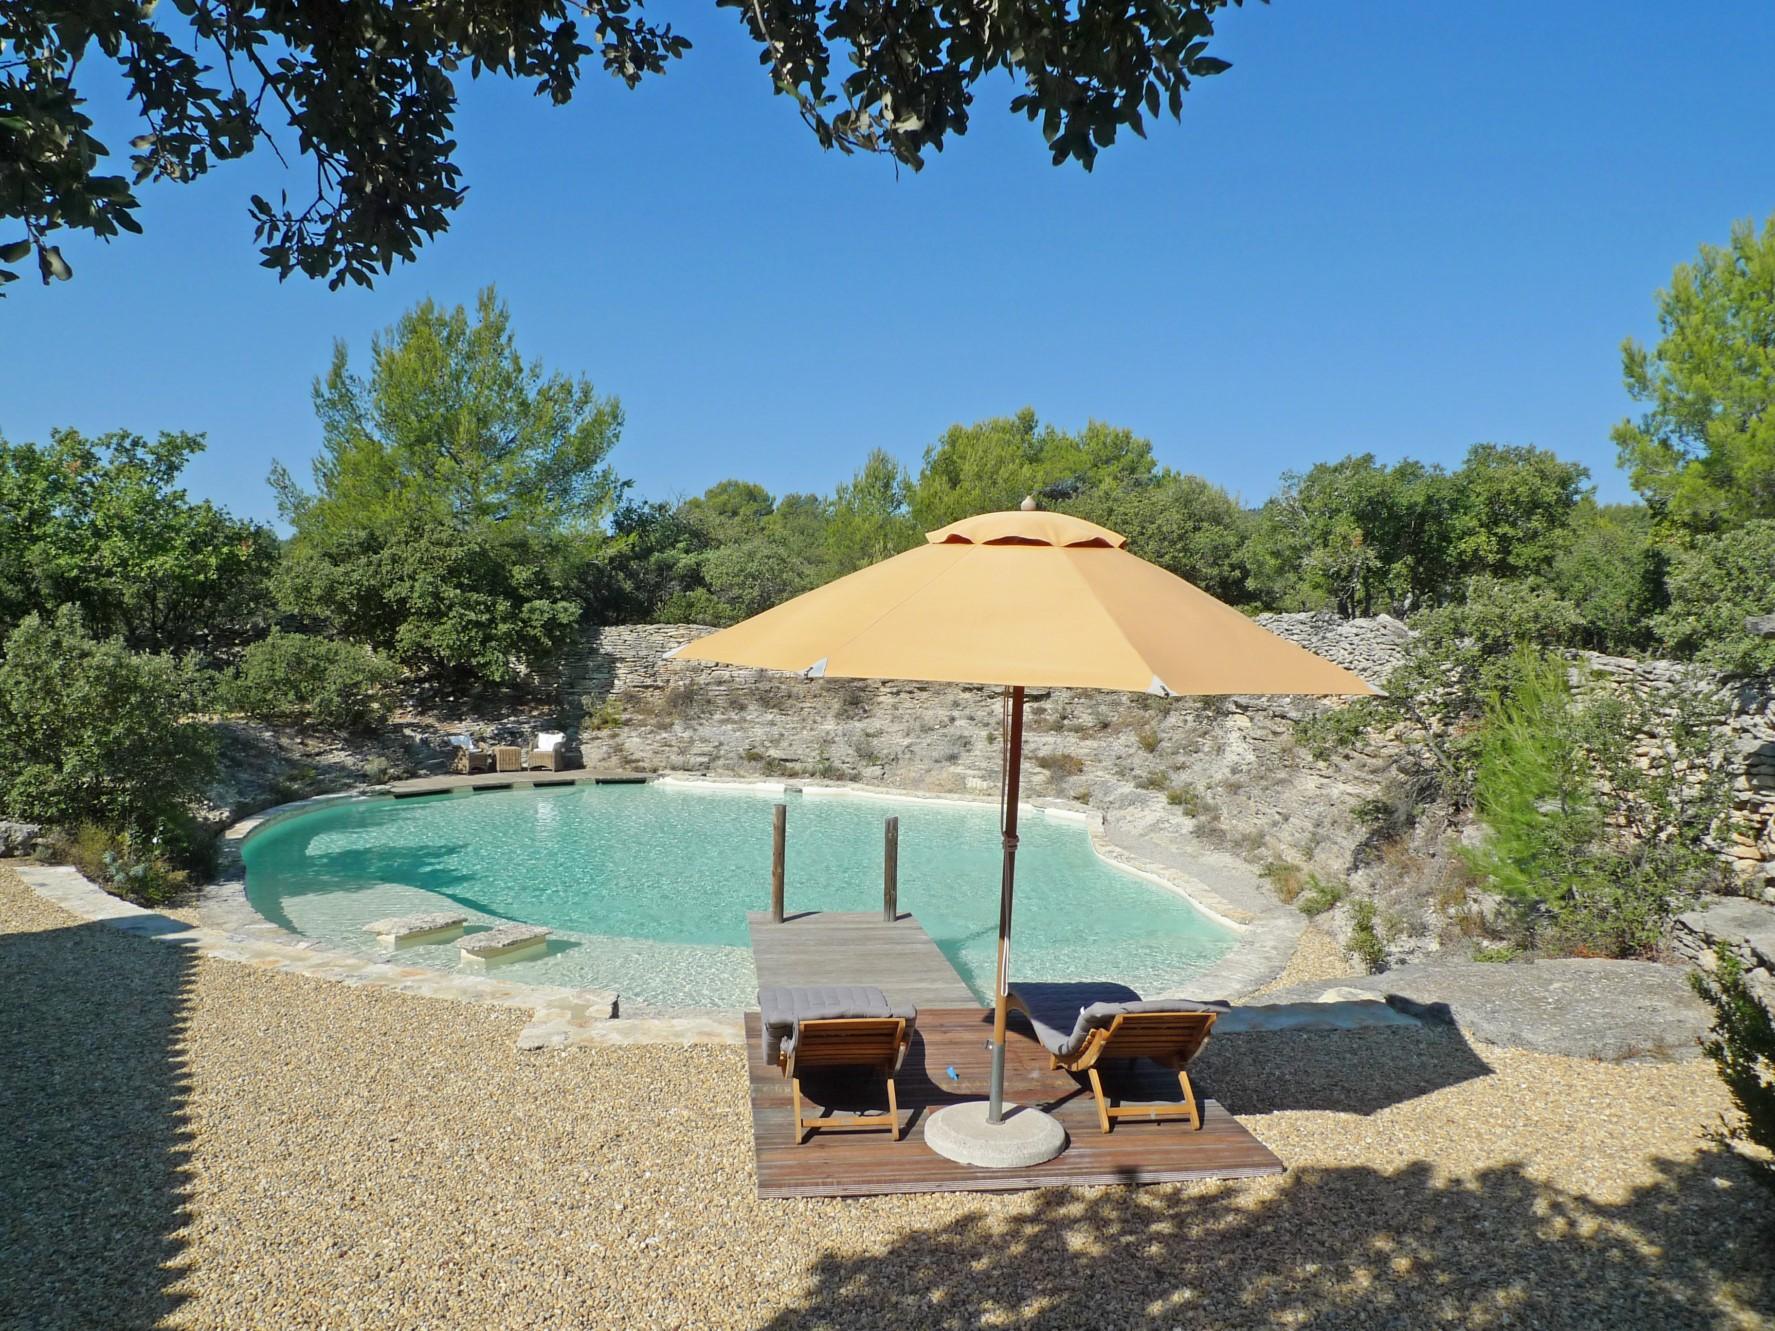 Luberon, en vente, propriété exceptionnelle, sur un hectare avec piscine/bassin et vue